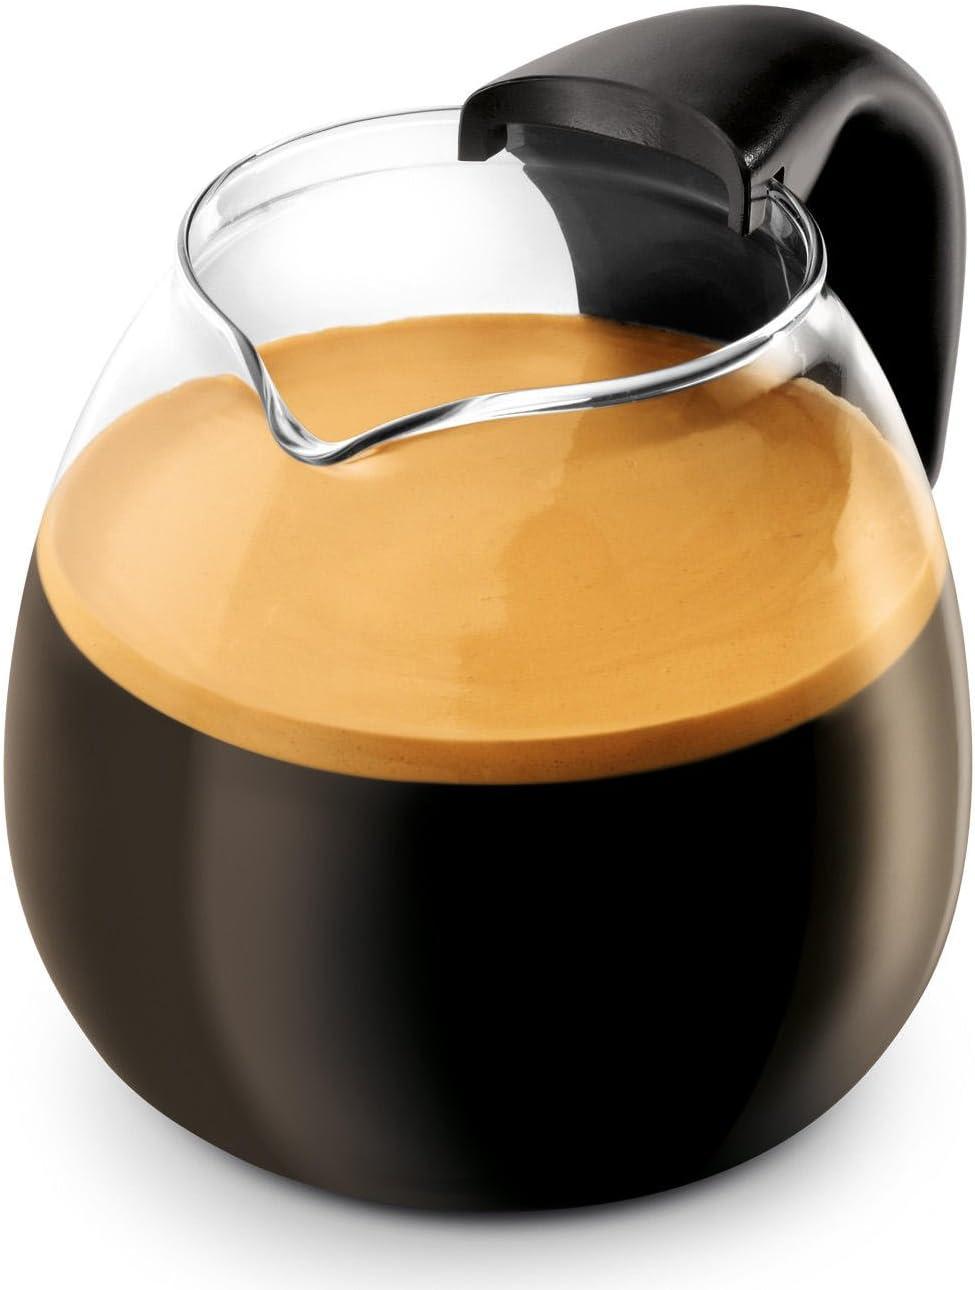 JARRA CAFE TASSIMO 0.5L: Amazon.es: Electrónica